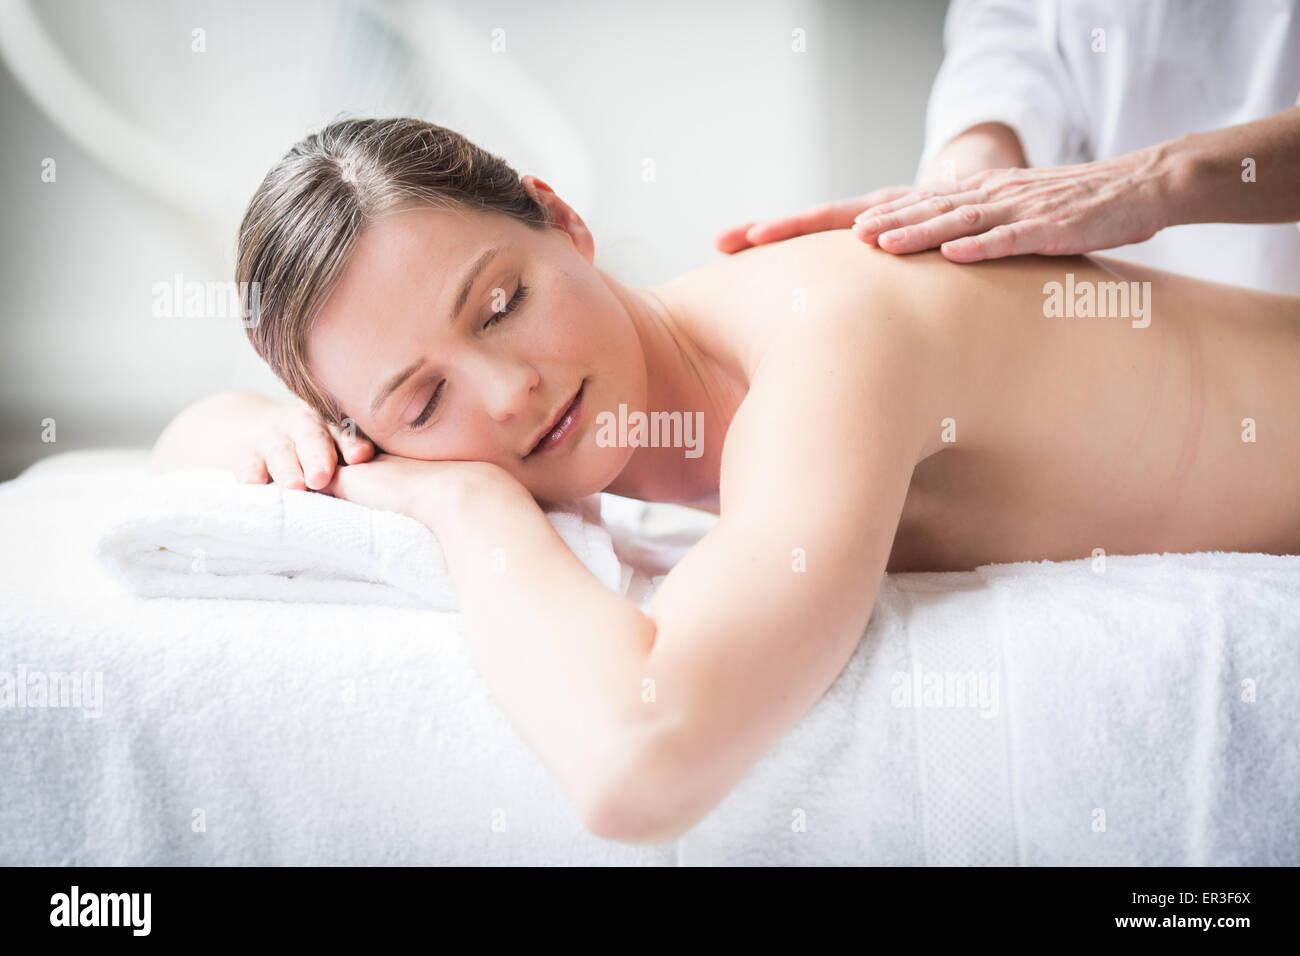 Frau erhält eine Rückenmassage. Stockbild